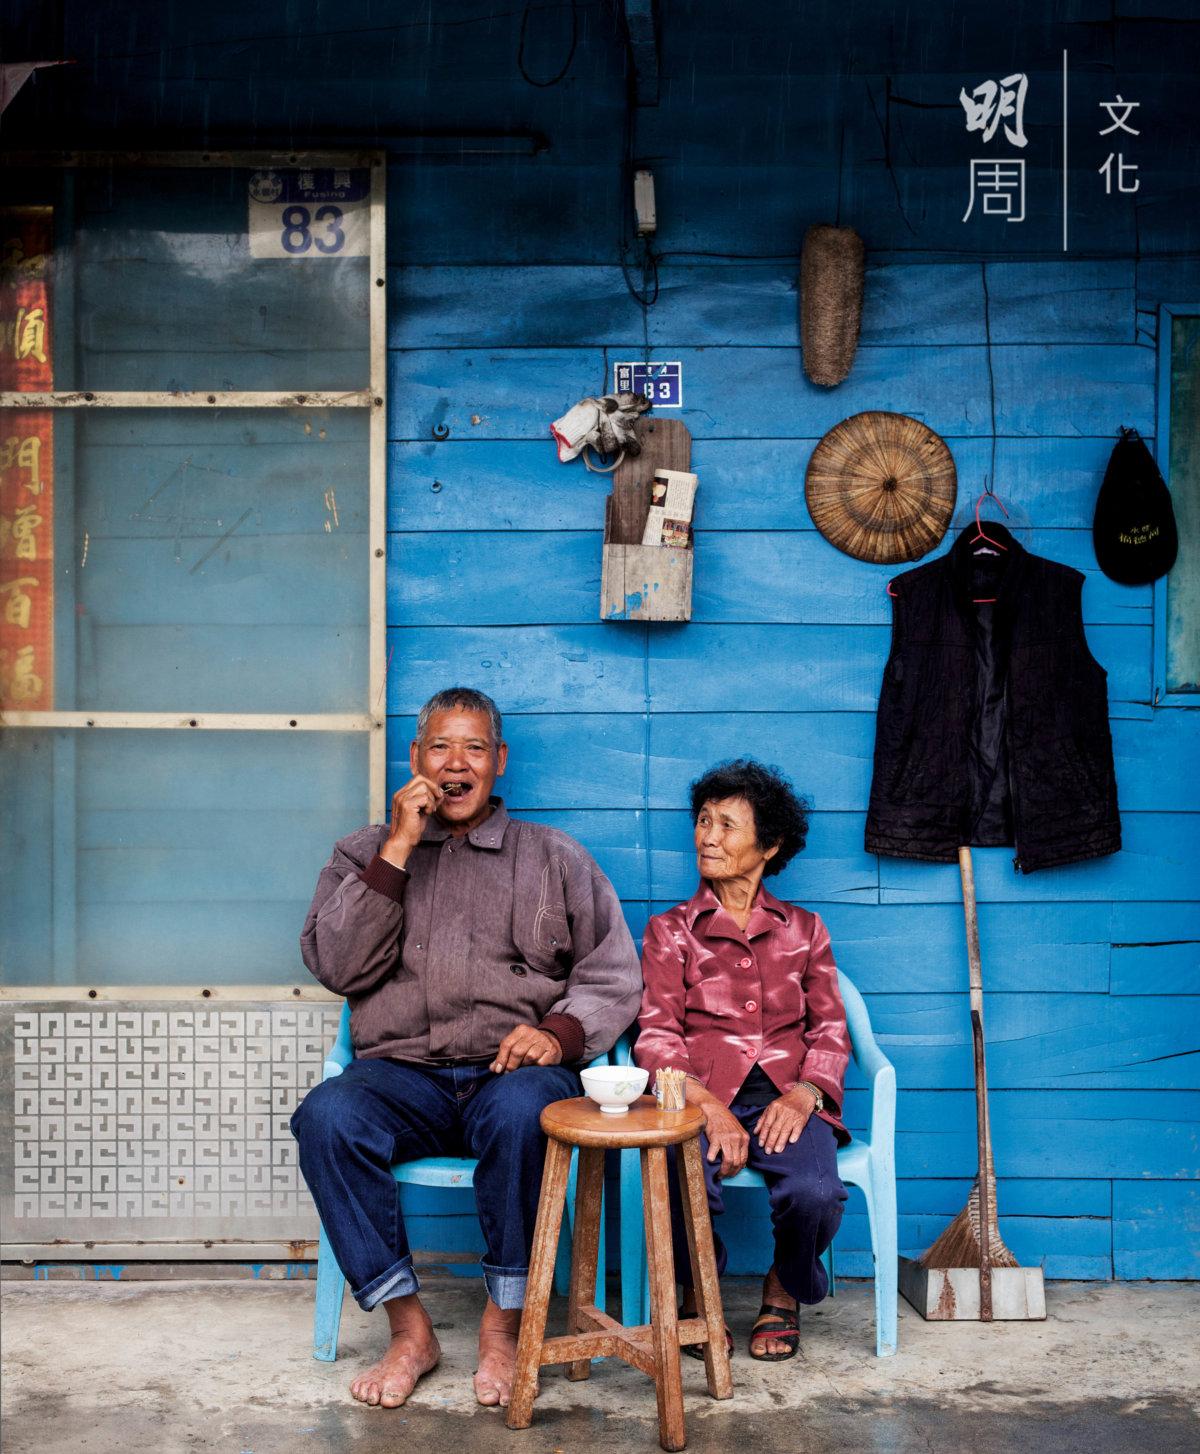 無論子女怎麼勸說,七十多歲的老人都不願意離開稻 田,種有機米更接近自然,每天日子過得很自在。